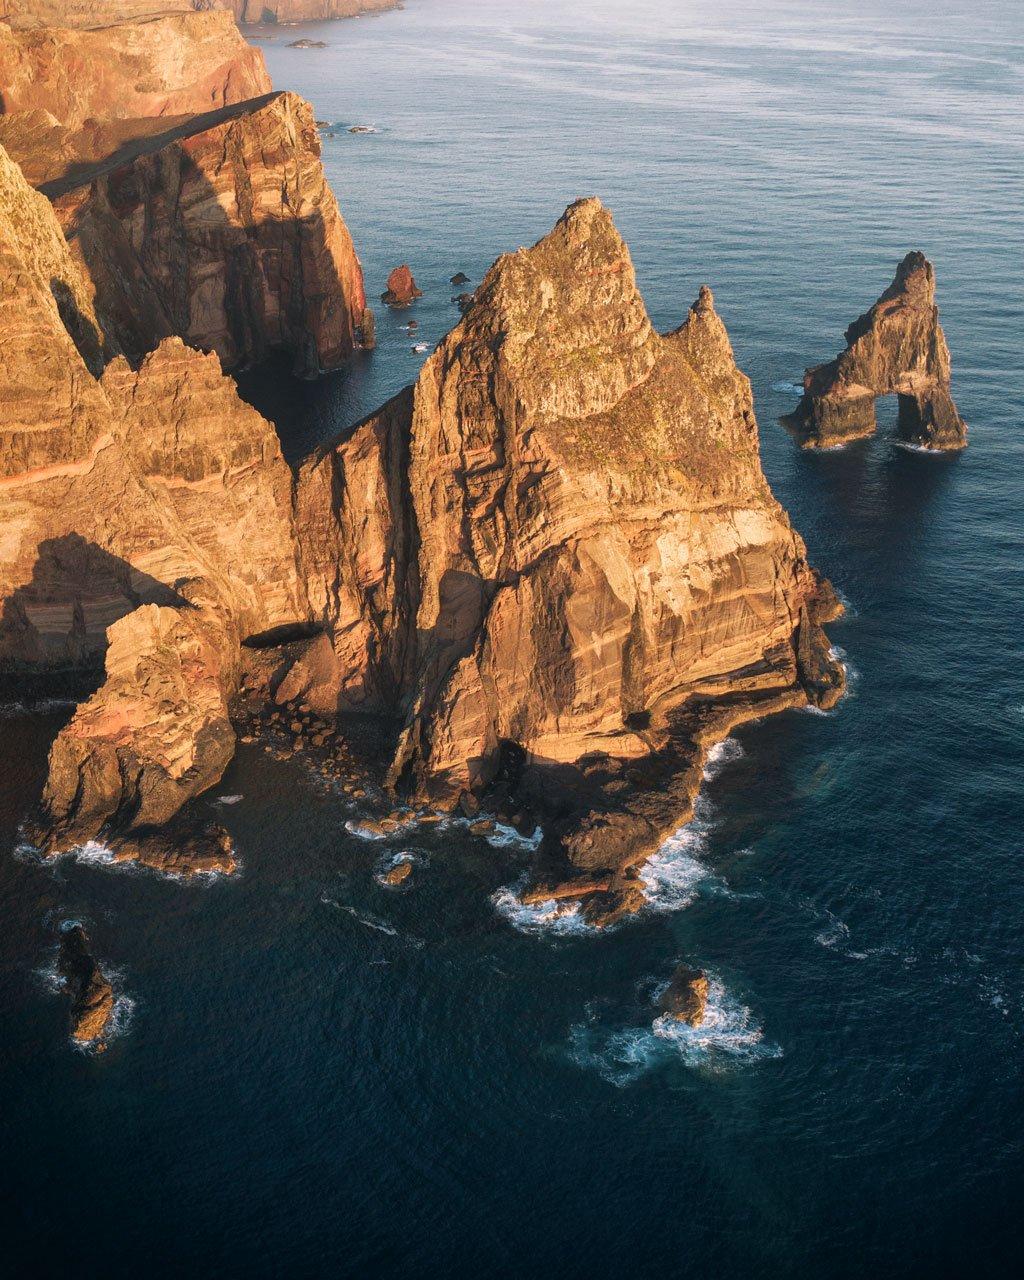 São Lourenço cliffs